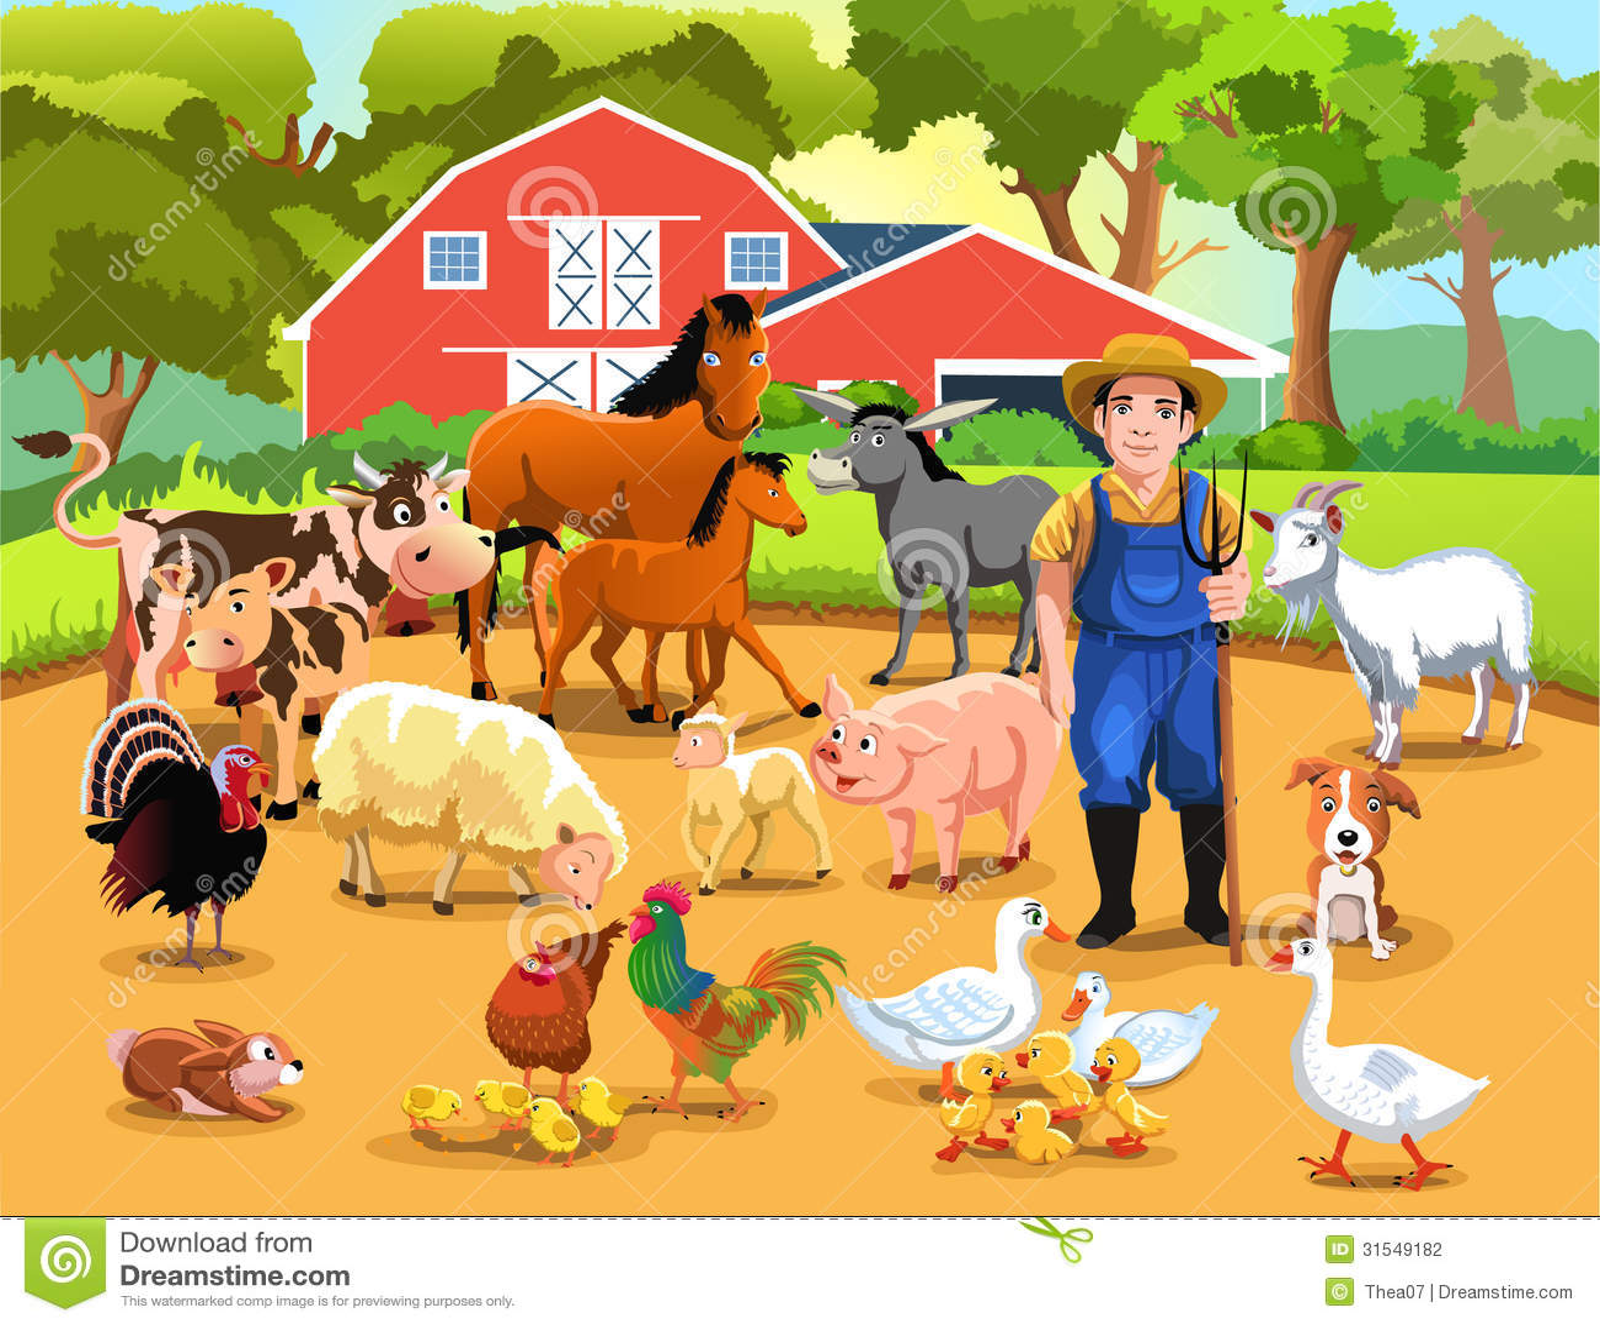 farm stock illustrations 243 659 farm stock illustrations vectors